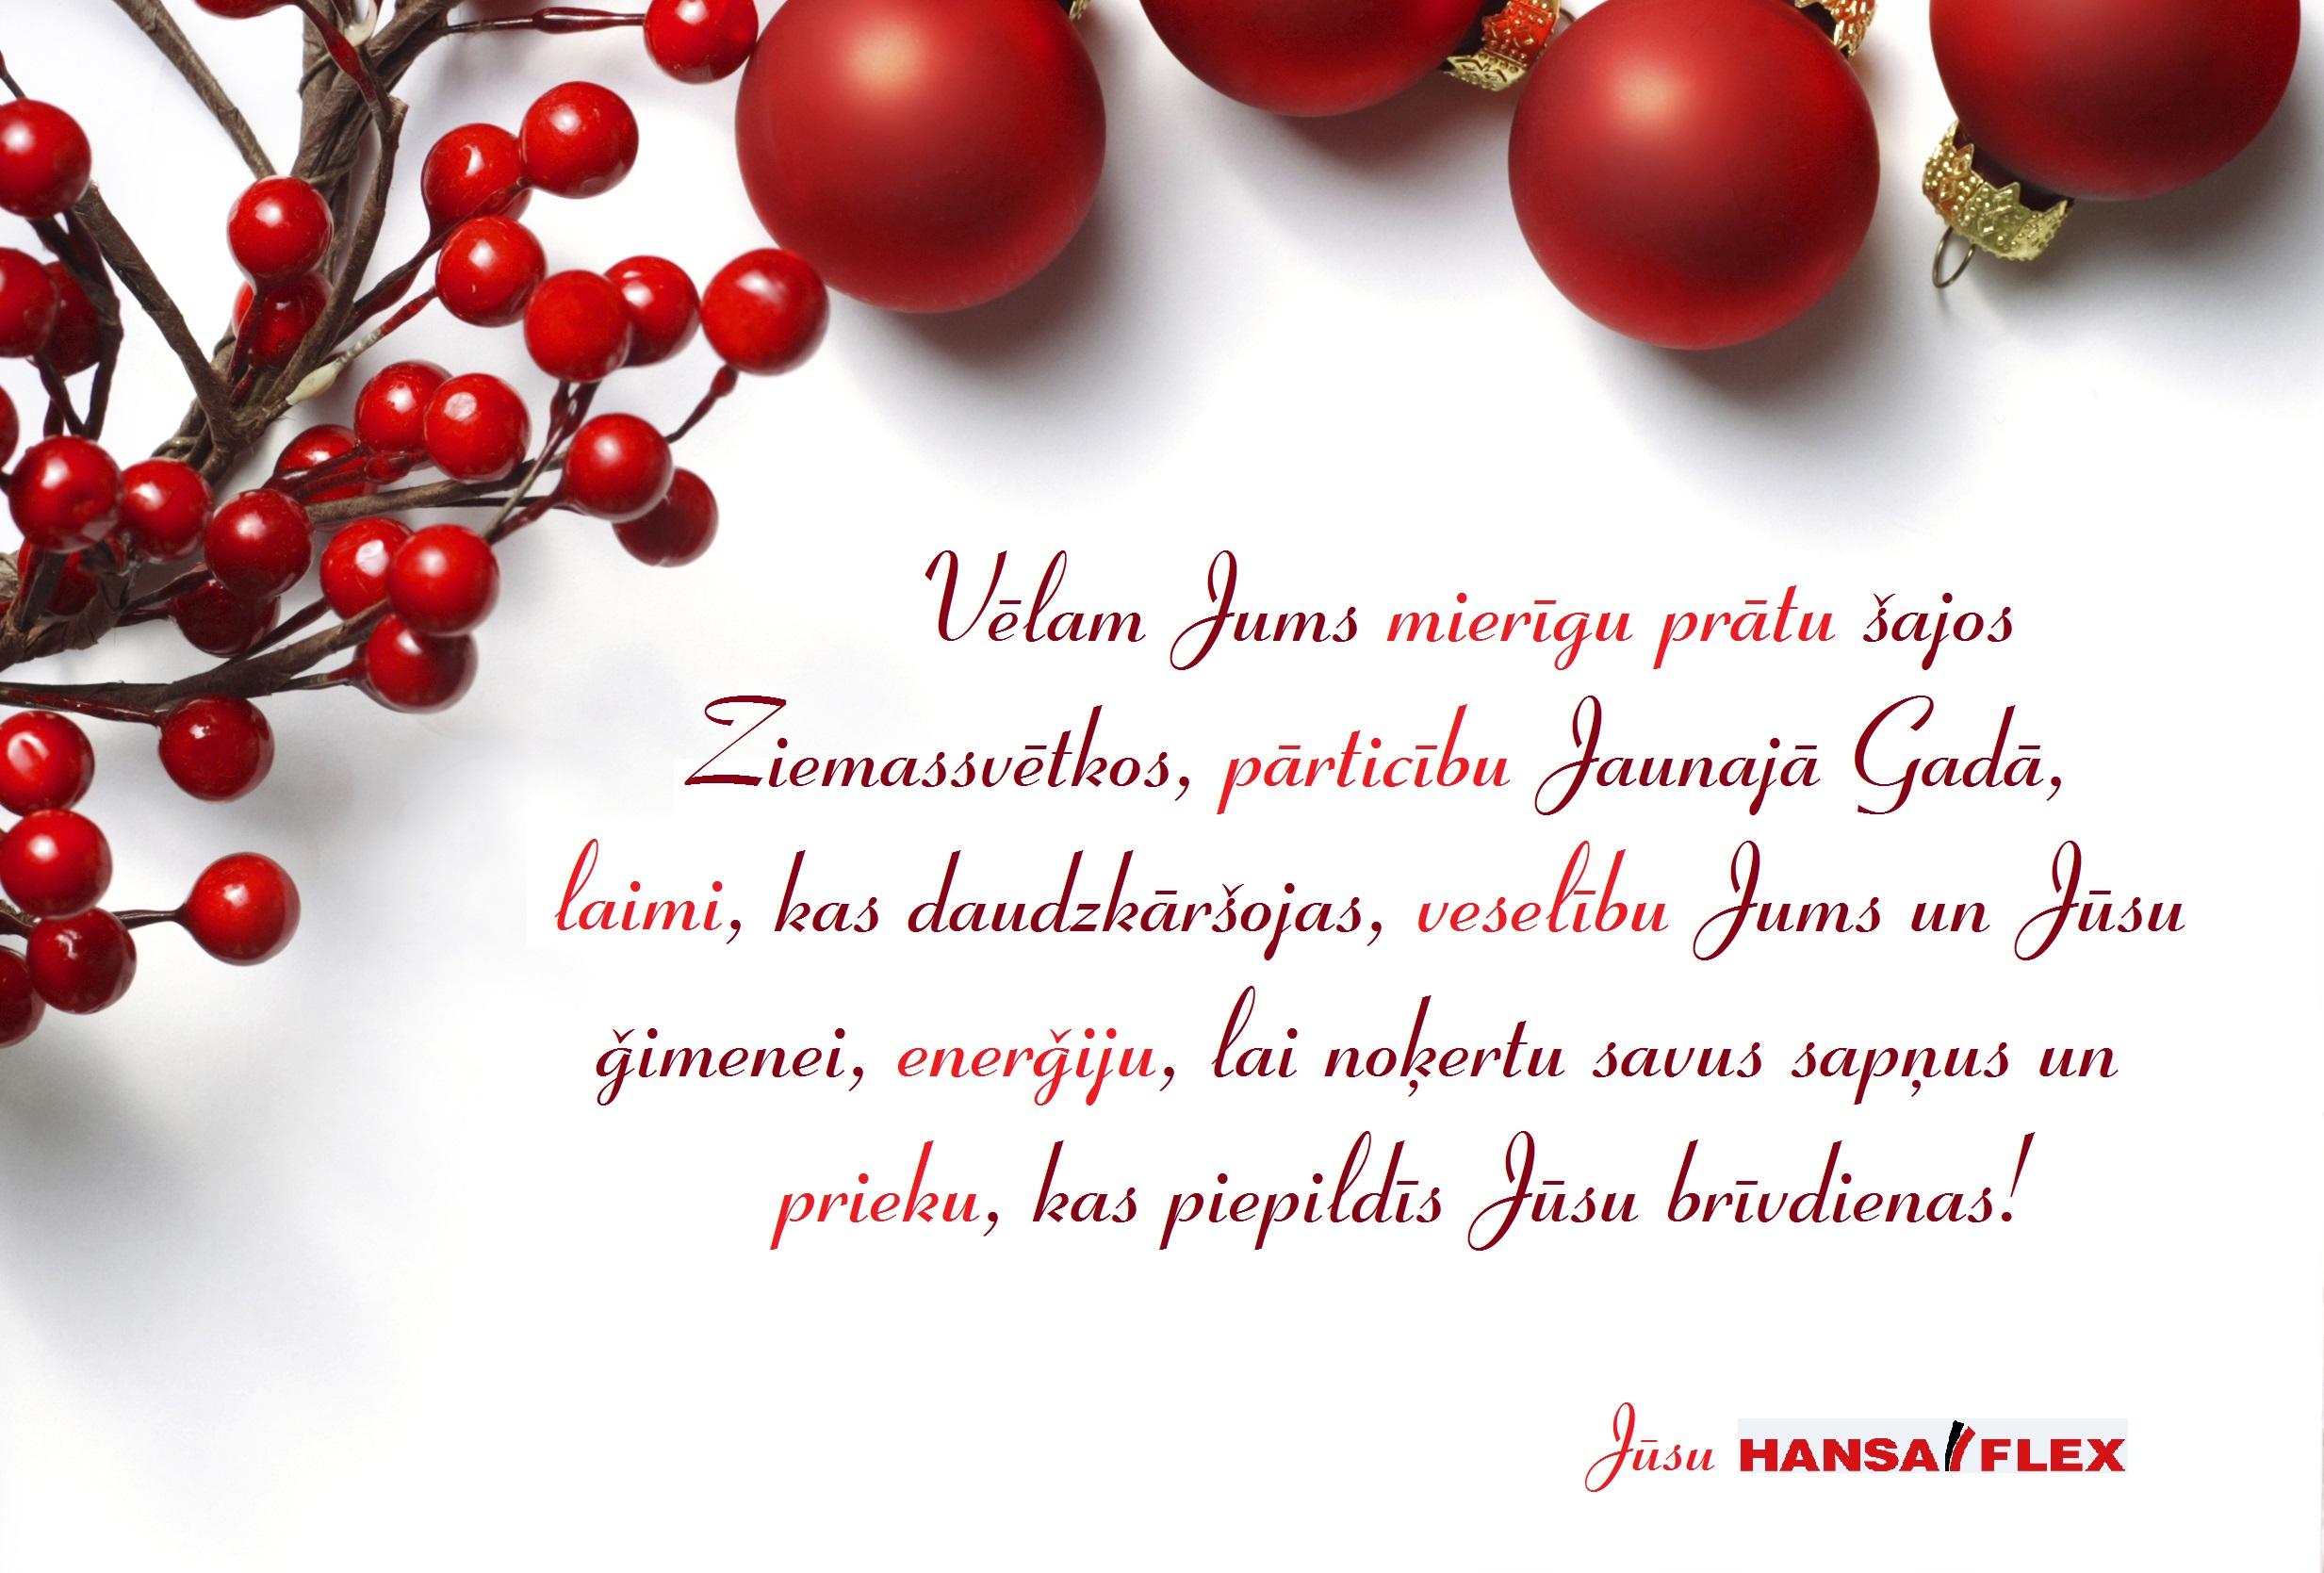 Priecīgus Ziemassvētkus un Laimīgo Jauno gadu